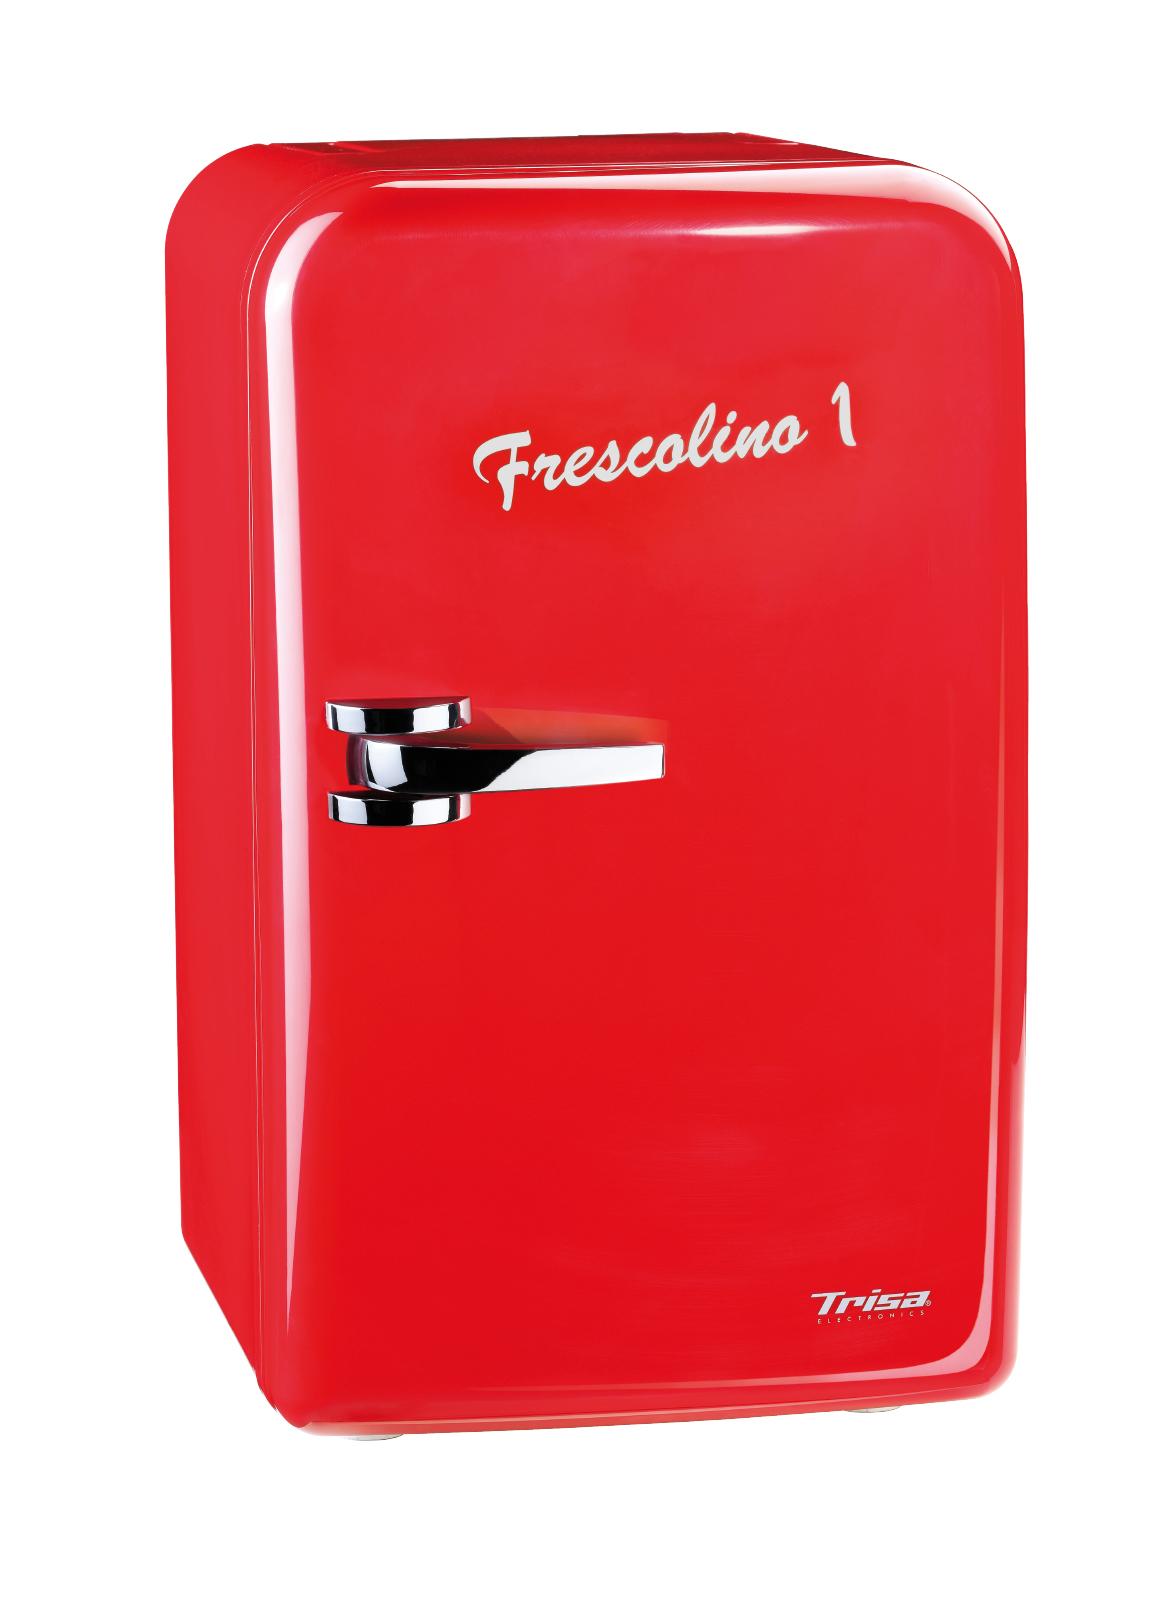 Mini frigider Trisa Frescolino Red 17L